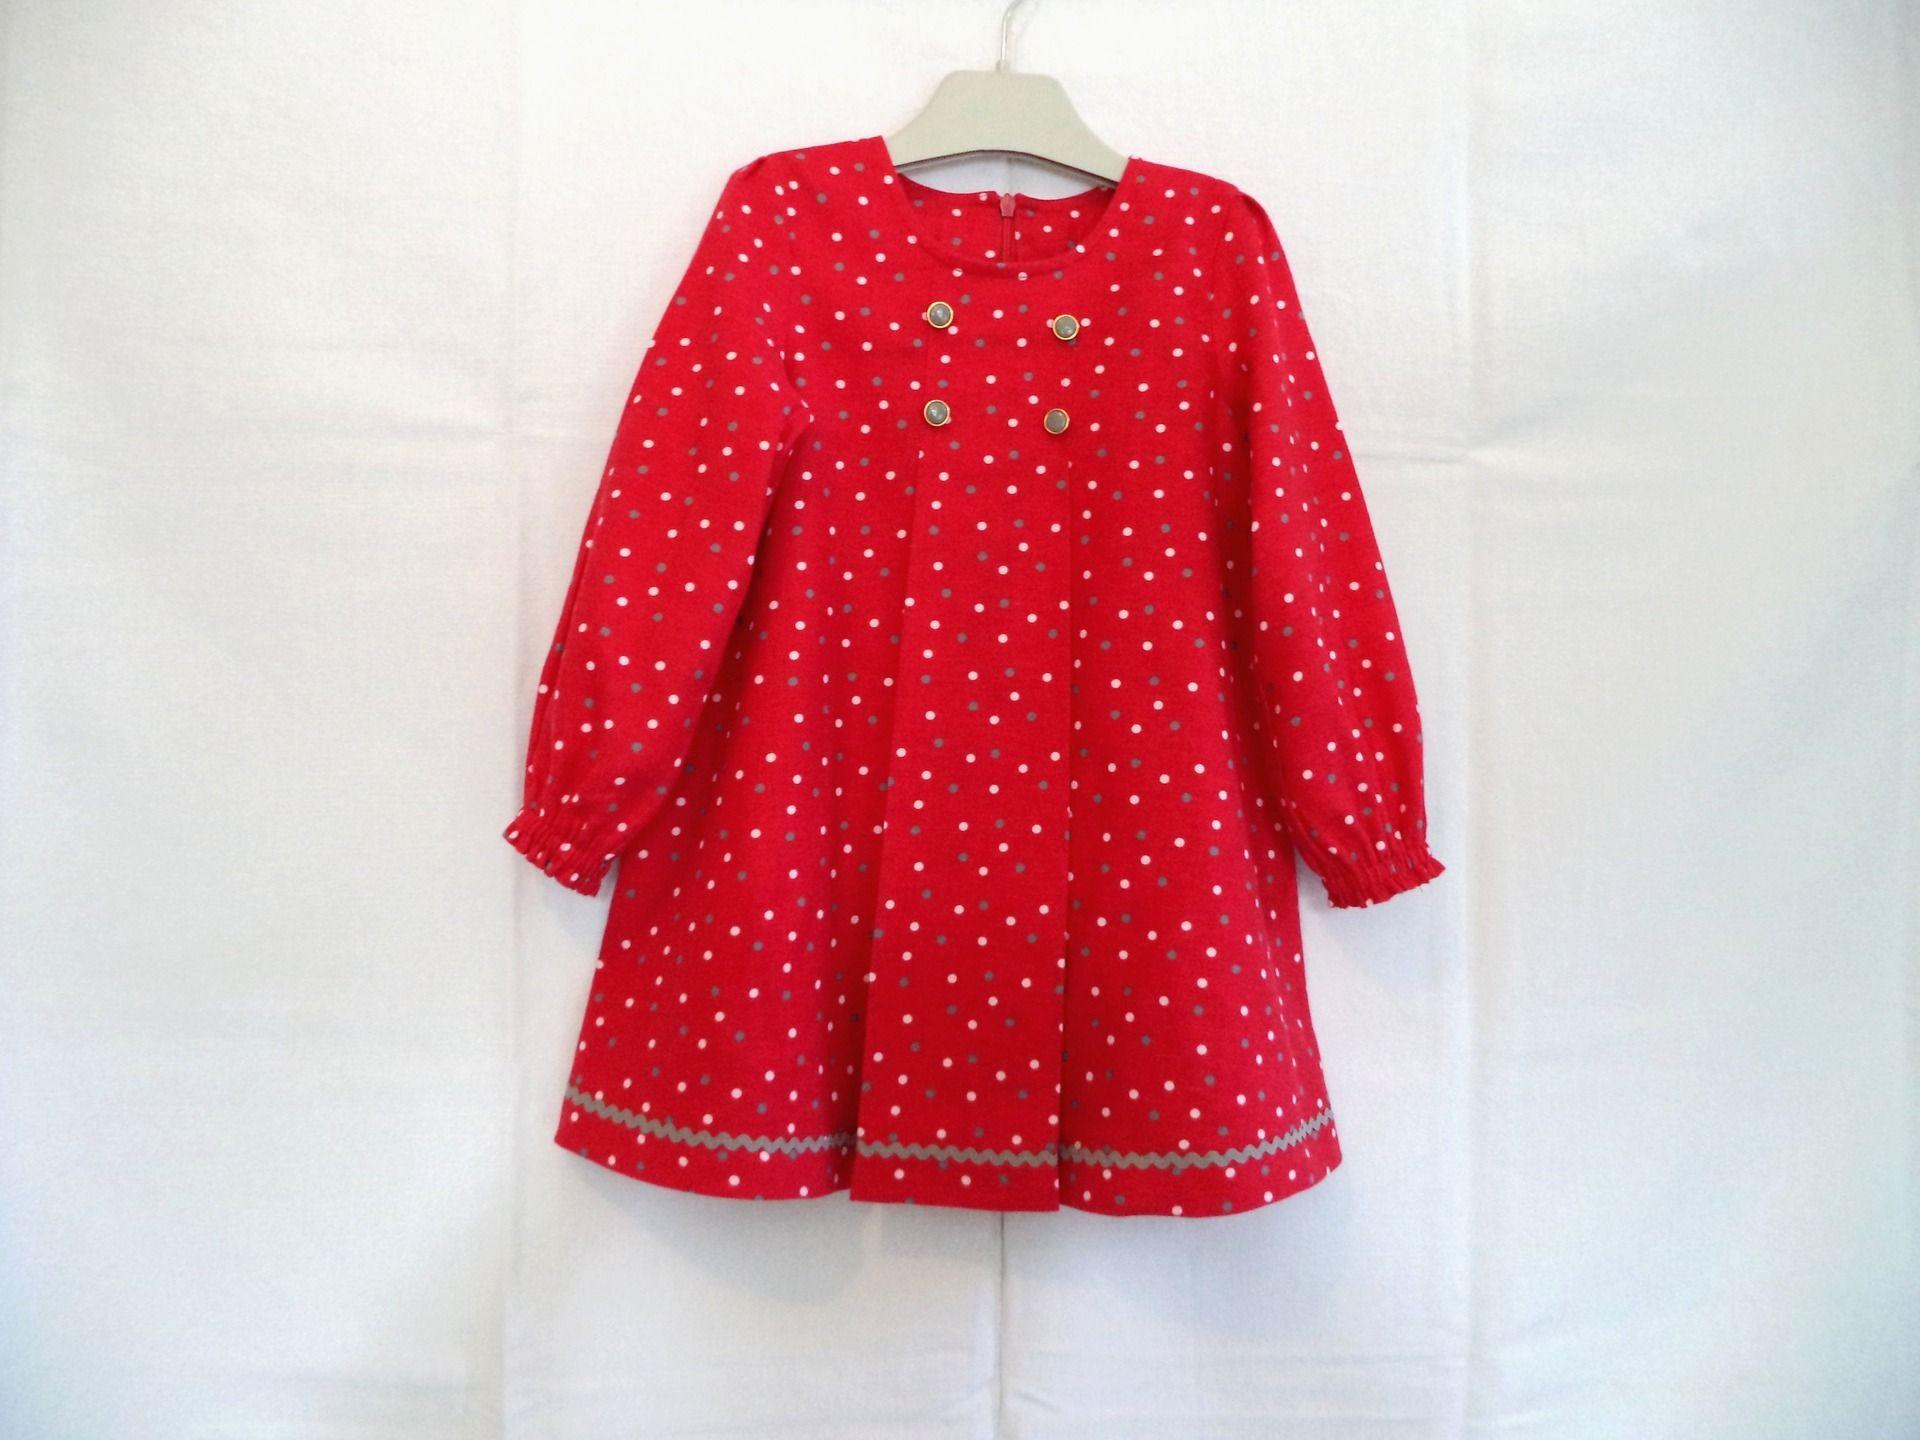 Robe fillette automne,hiver , rouge et petits pois gris et blancs , en coton